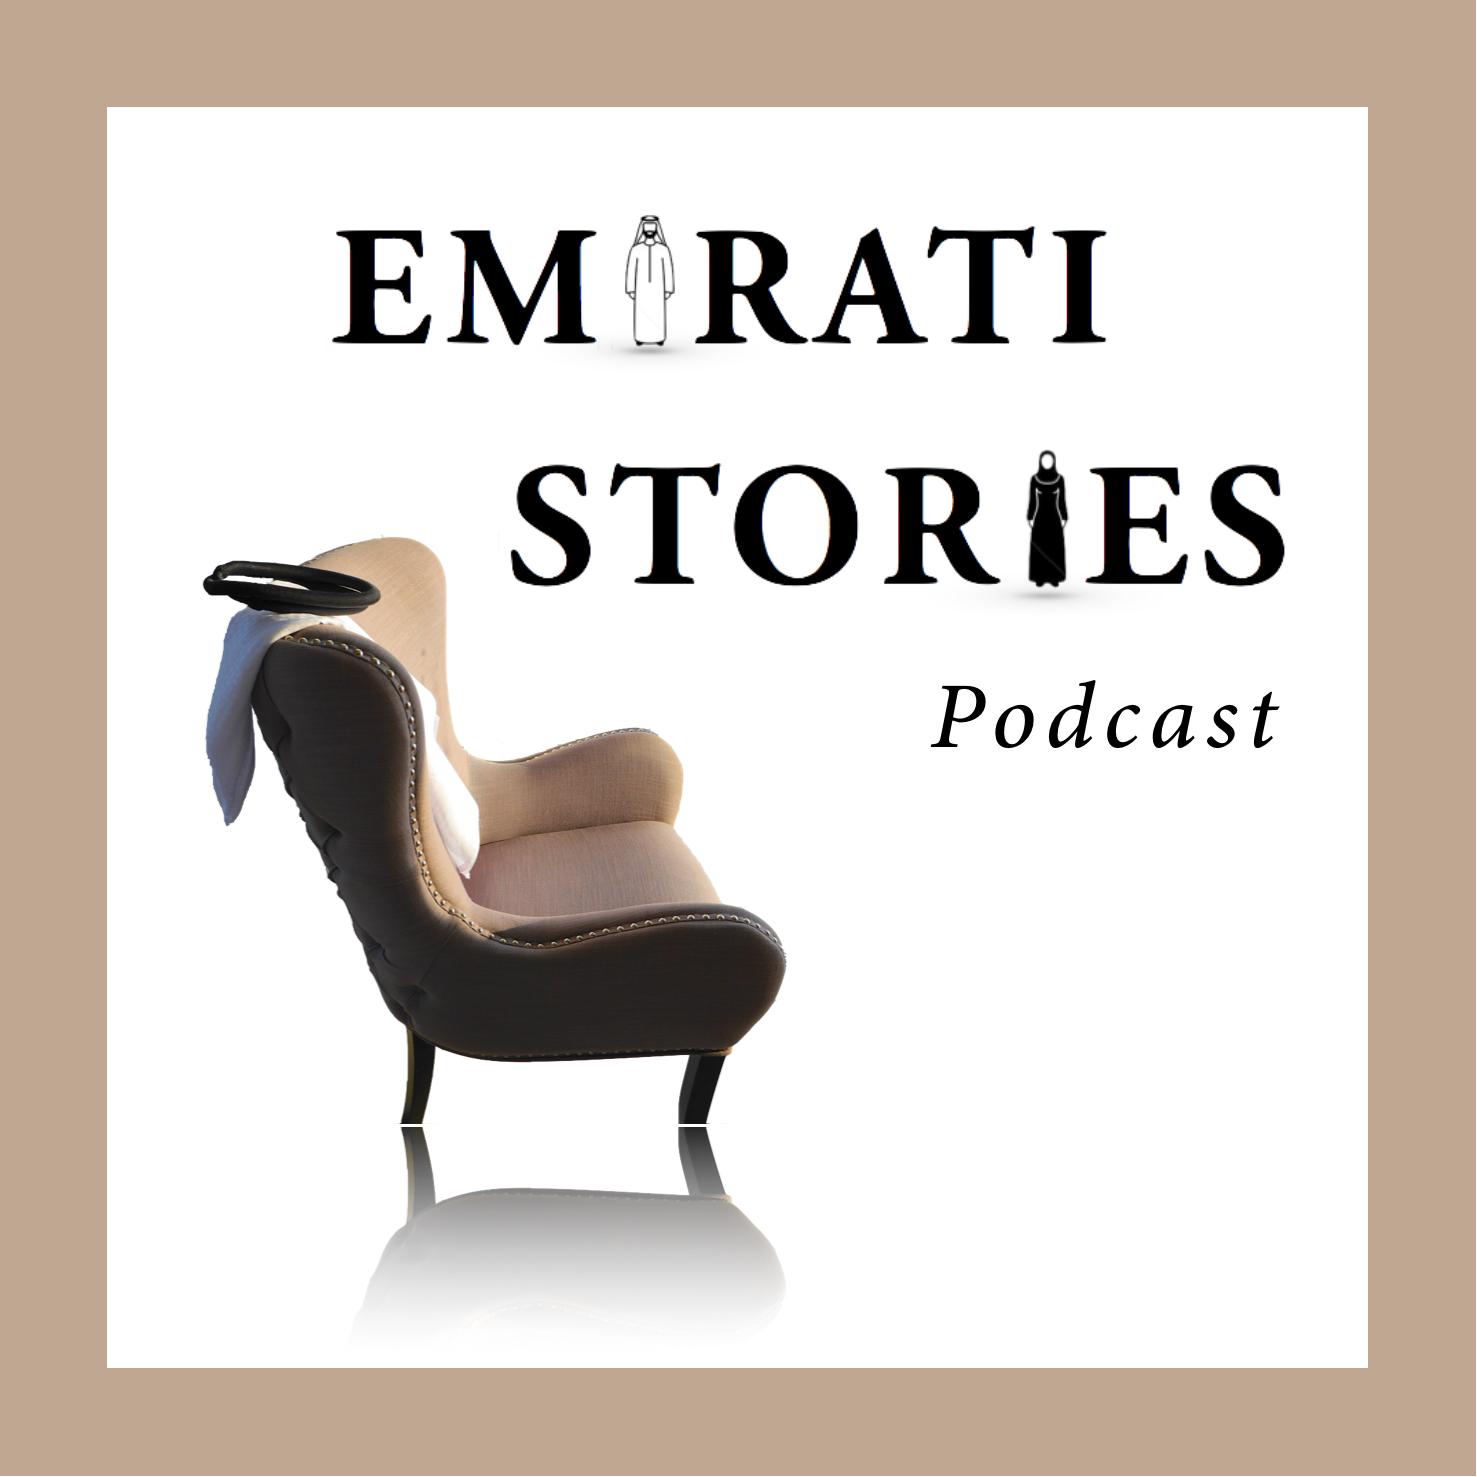 Emirati Stories